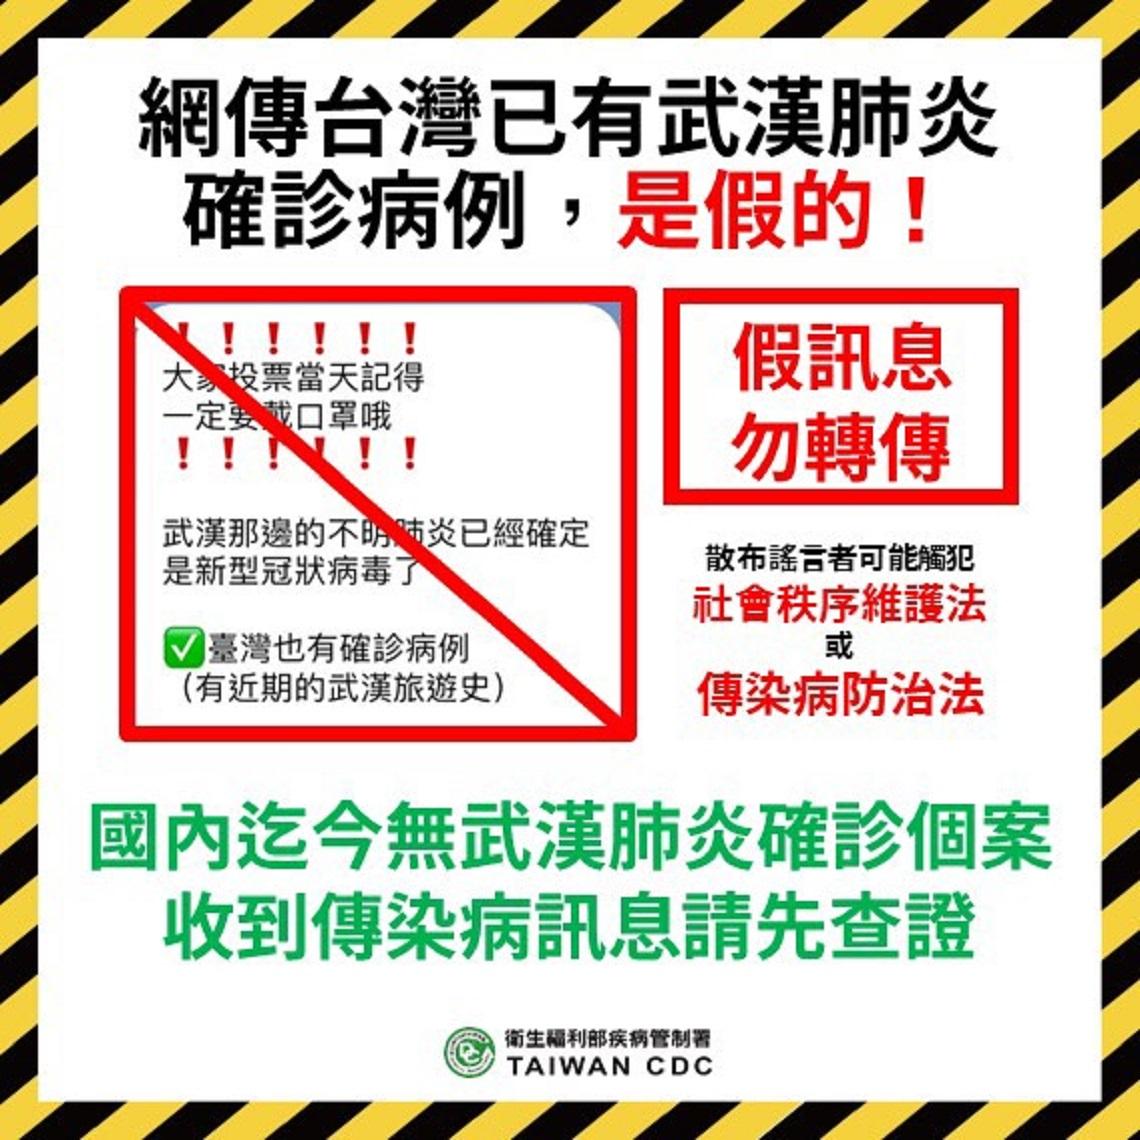 台灣尚無武漢肺炎確診病例 新竹市民仍戴口罩投票